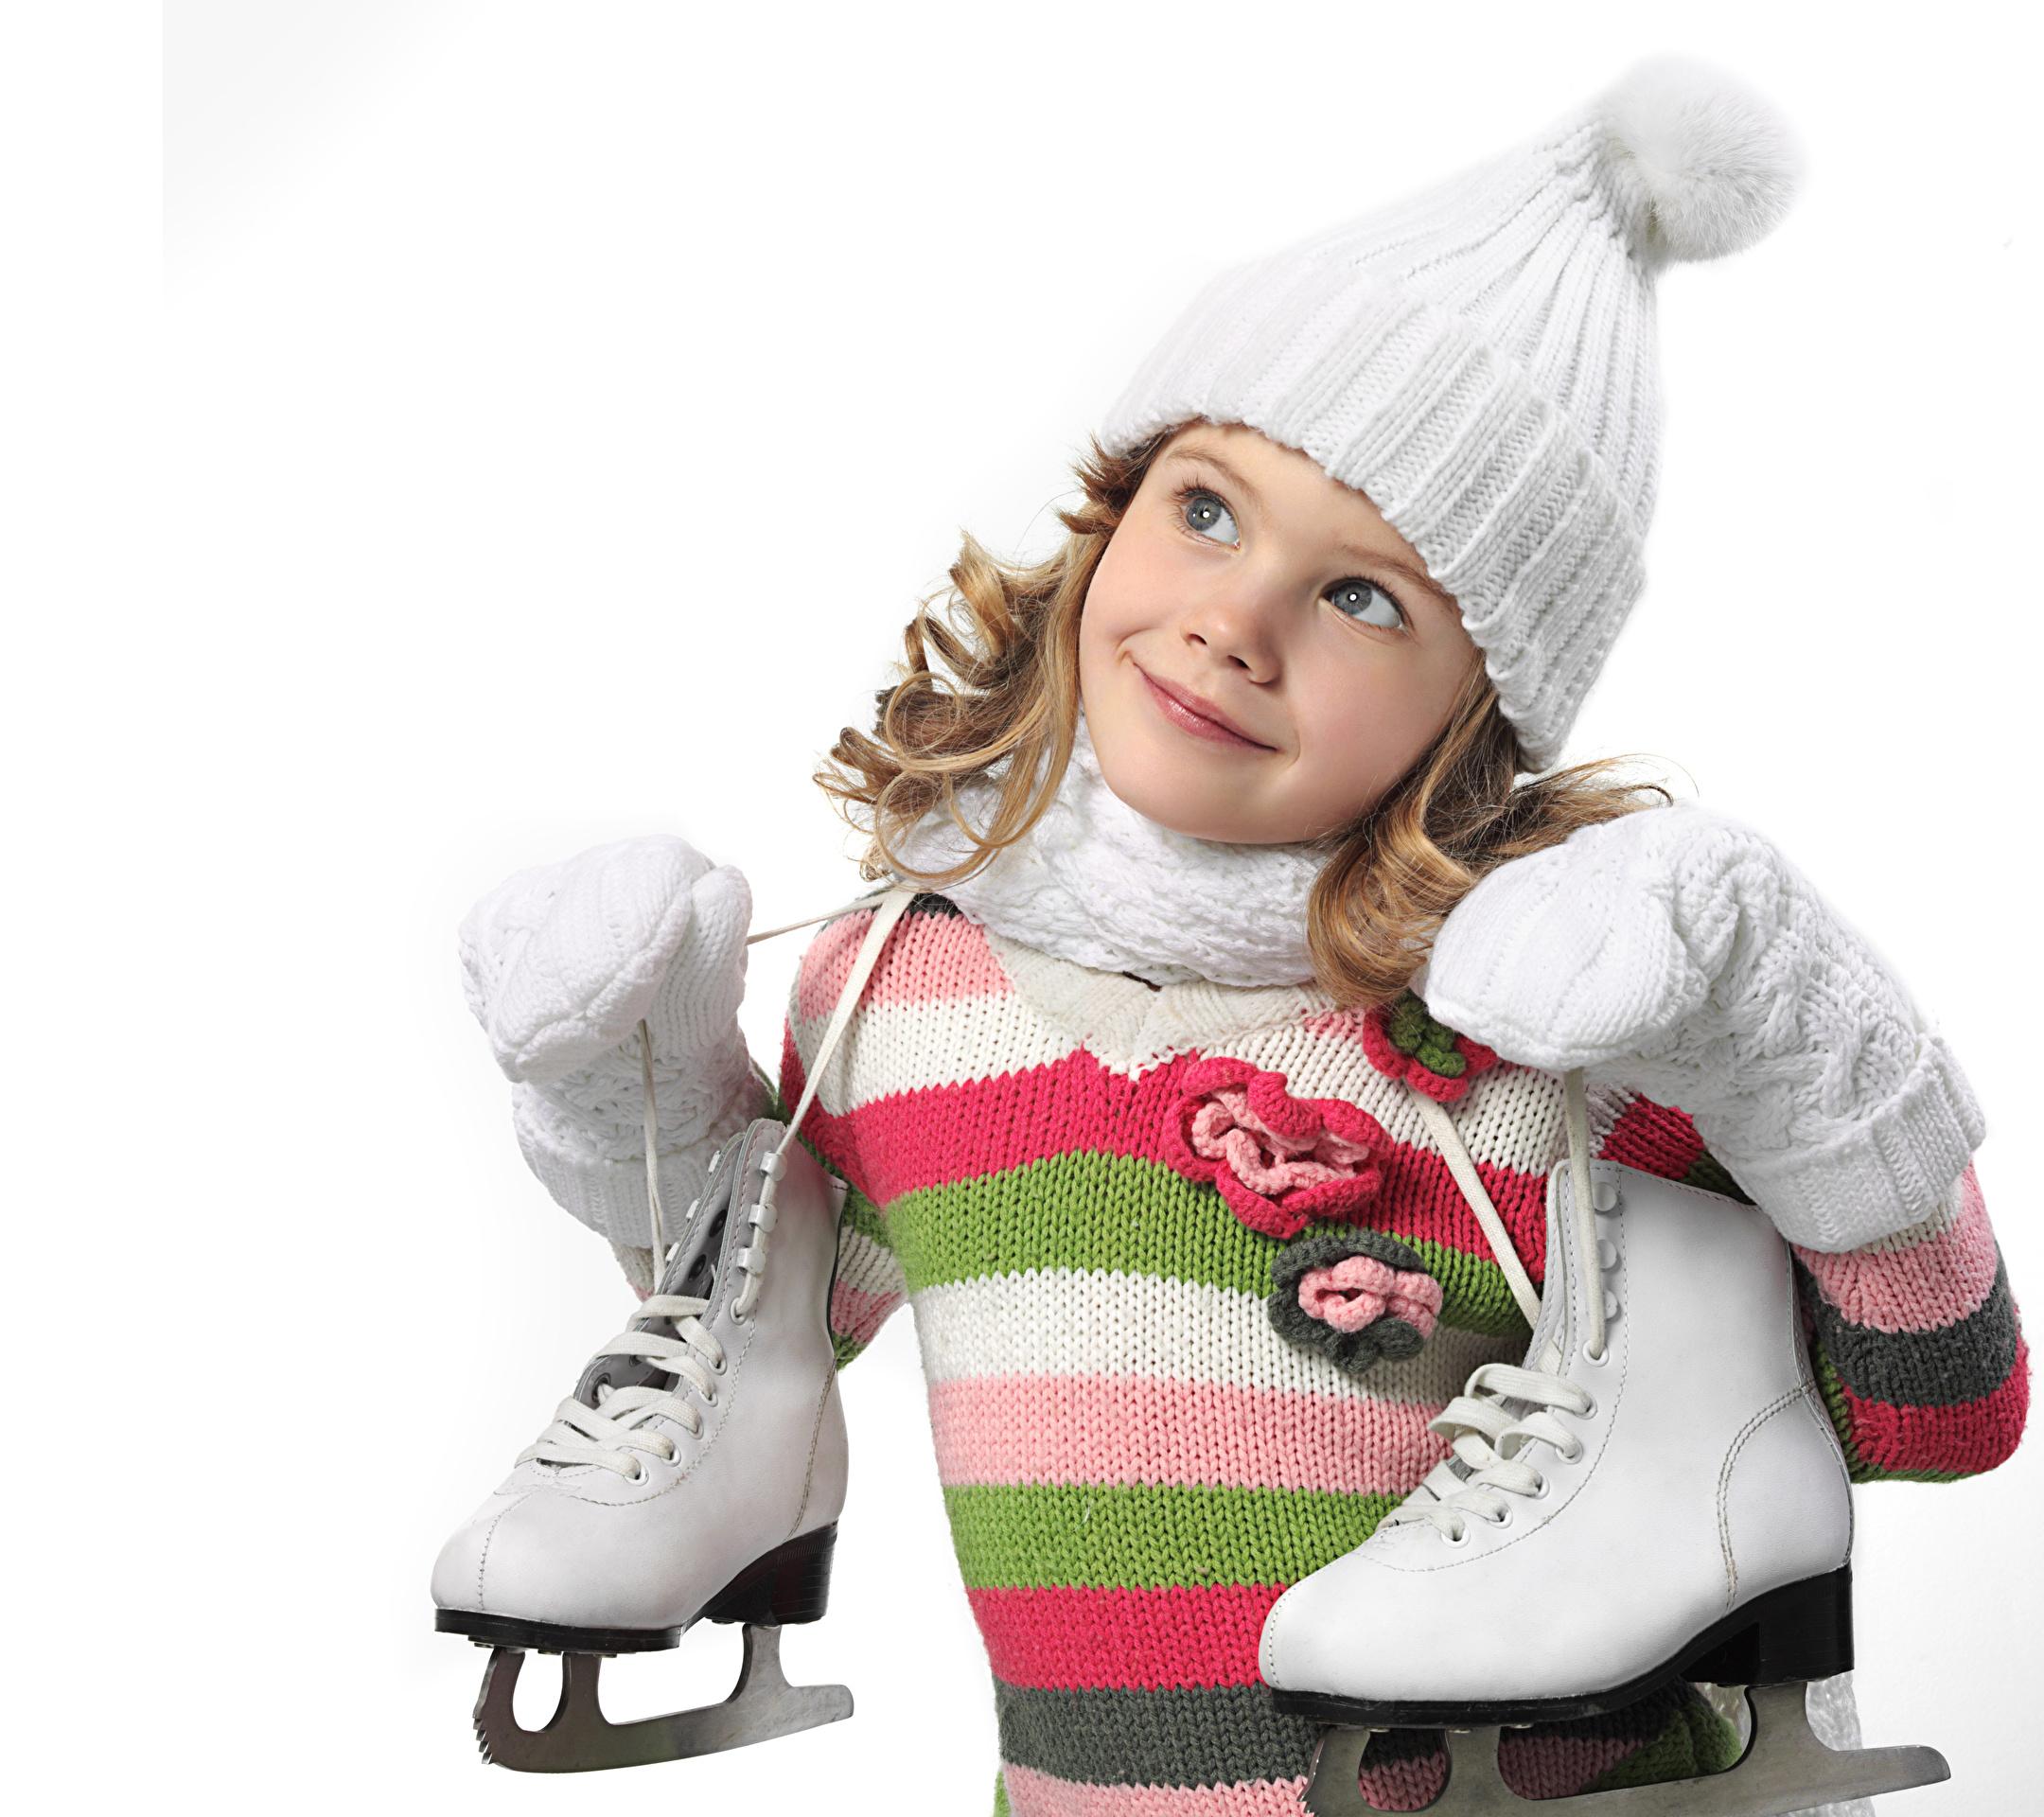 Little_girls_Ice_skate_471112